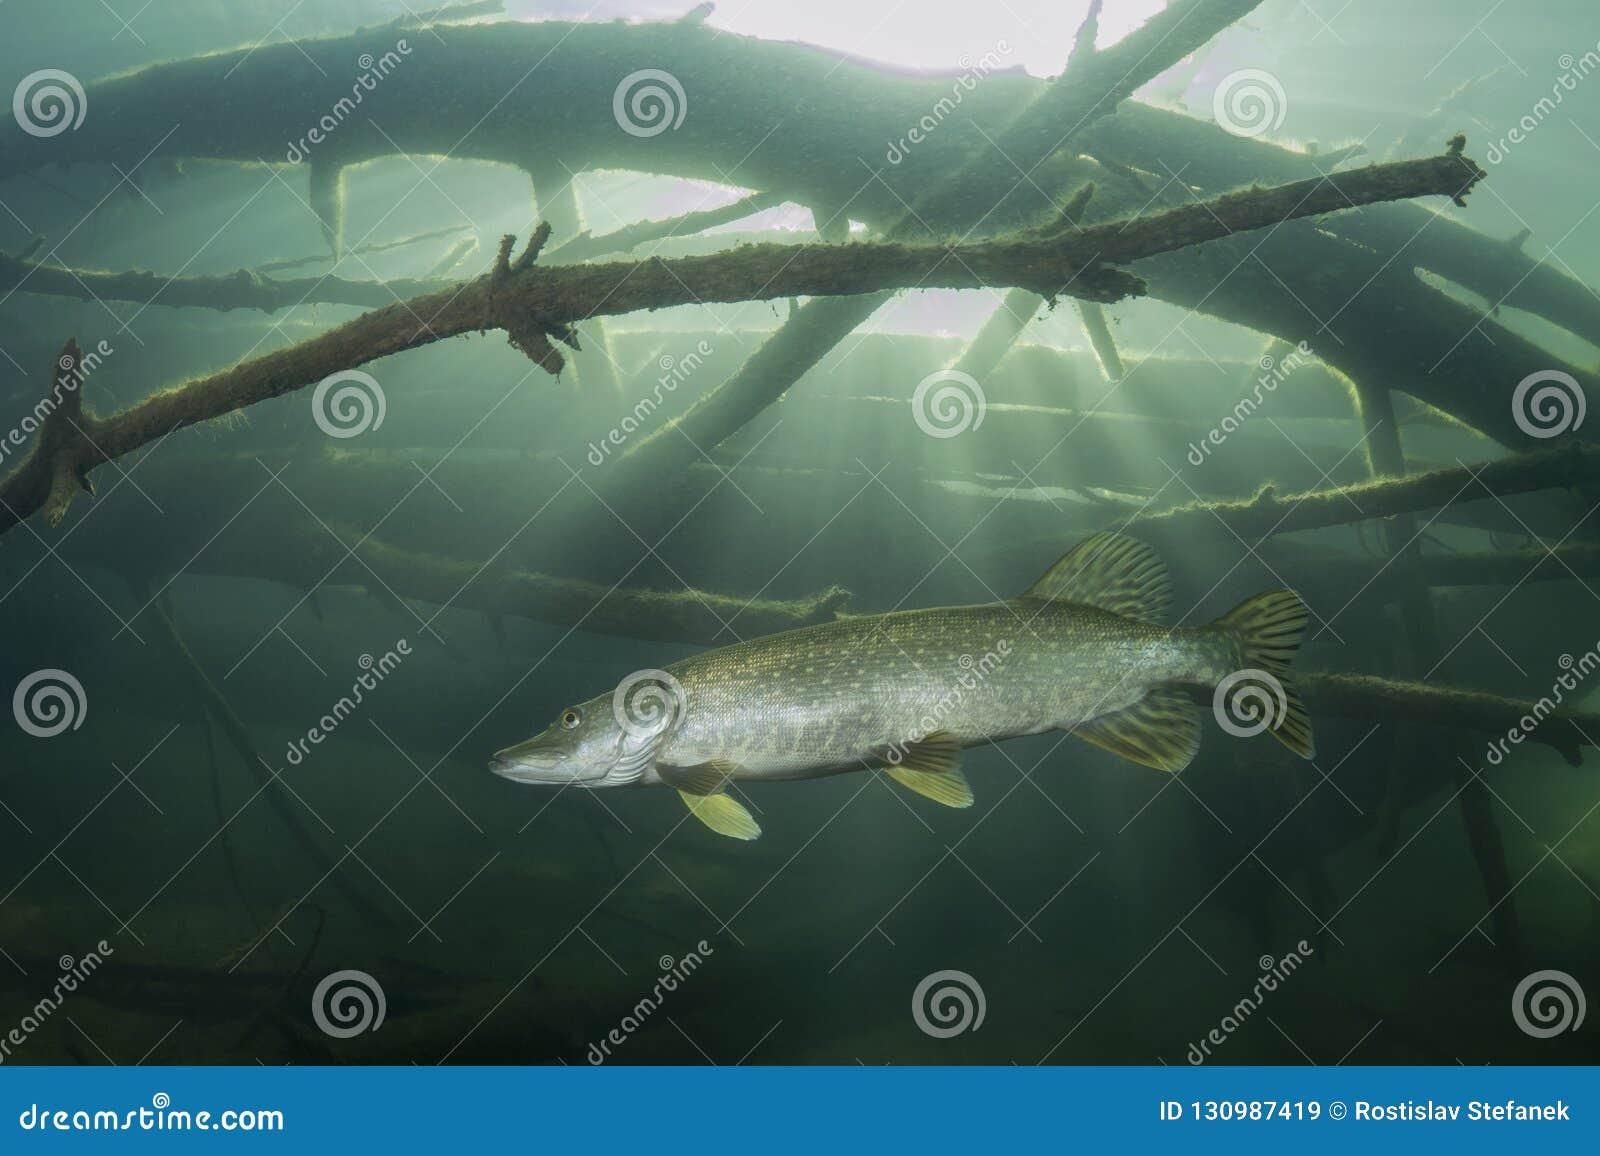 Fotografia subacquea di esox lucius del luccio del pesce di acqua dolce